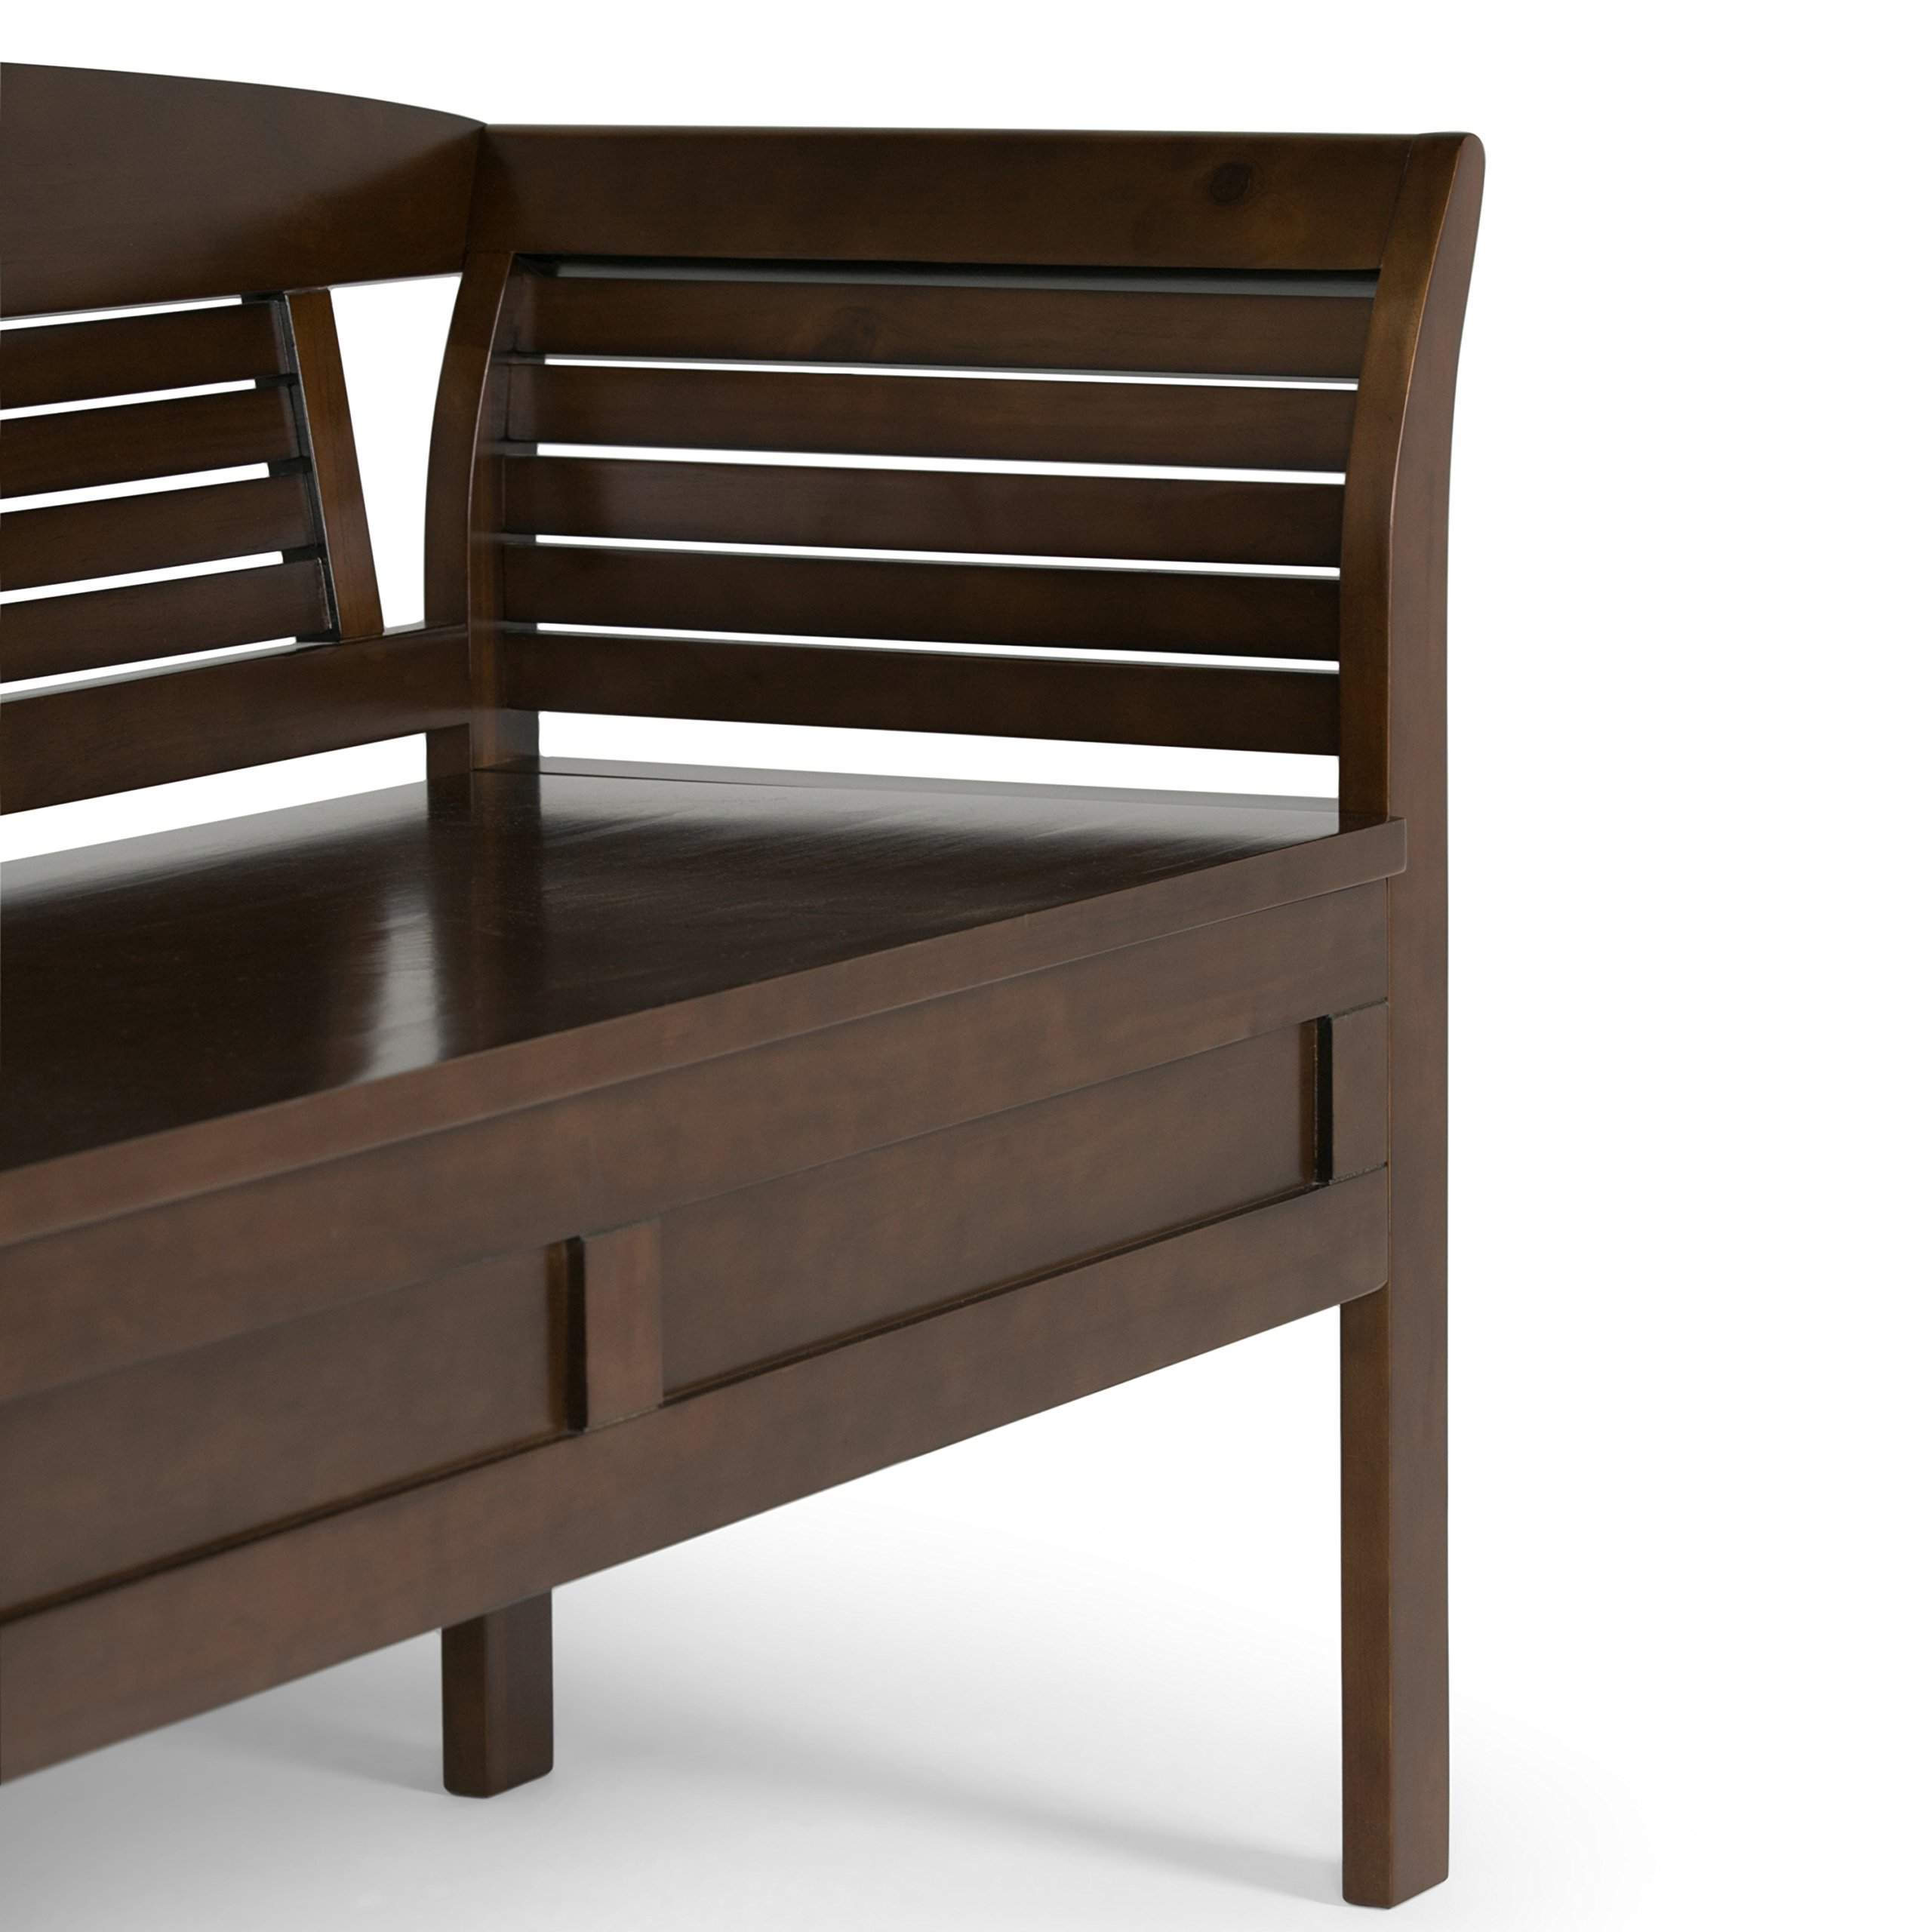 Simpli Home Arlington Solid Wood Entryway Storage Bench, Medium Rustic Brown by Simpli Home (Image #5)